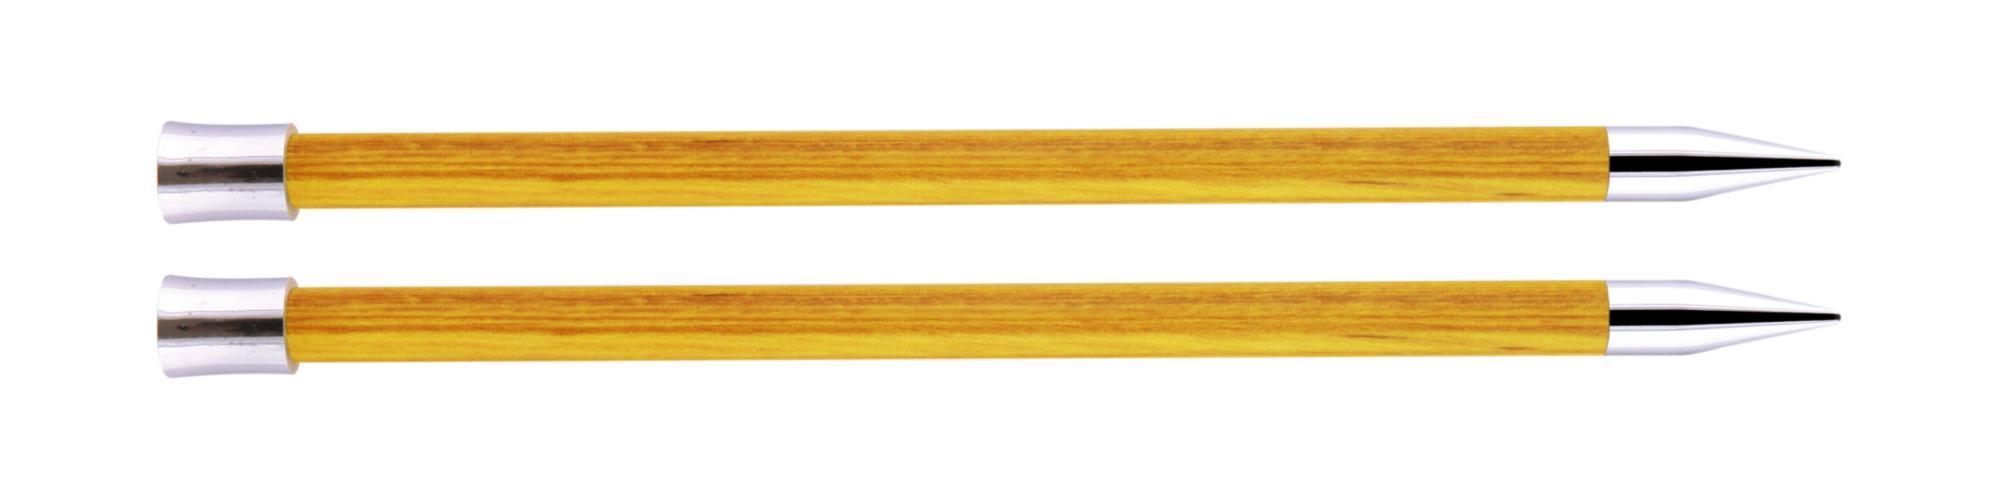 Спицы прямые 30 см Royale KnitPro, 29205, 12.00 мм